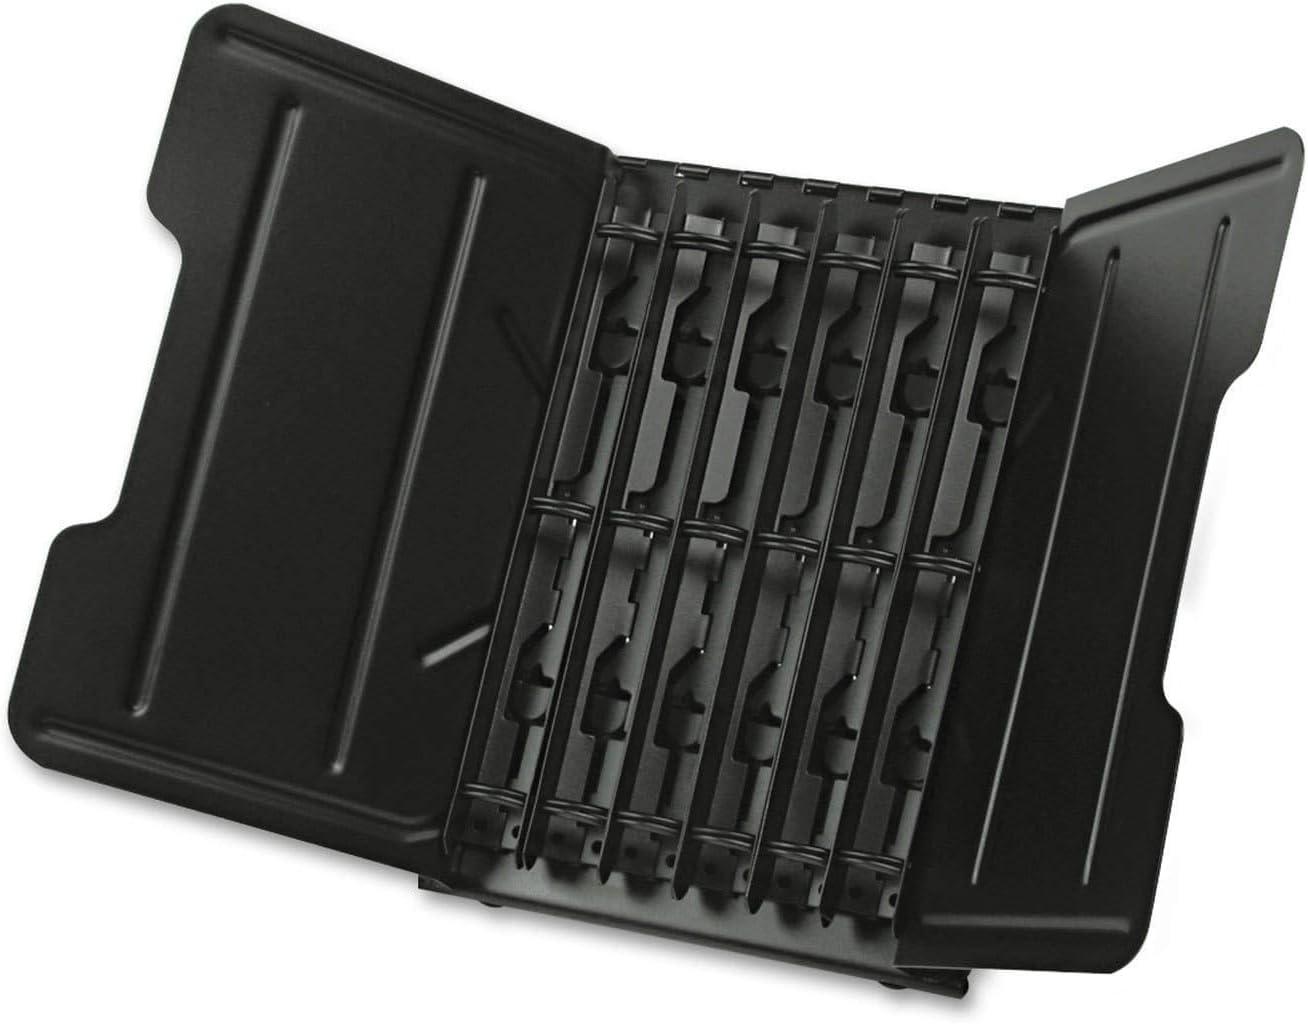 Tarifold Catalog Rack Starter Kits, 6 Sections, Black (50410)